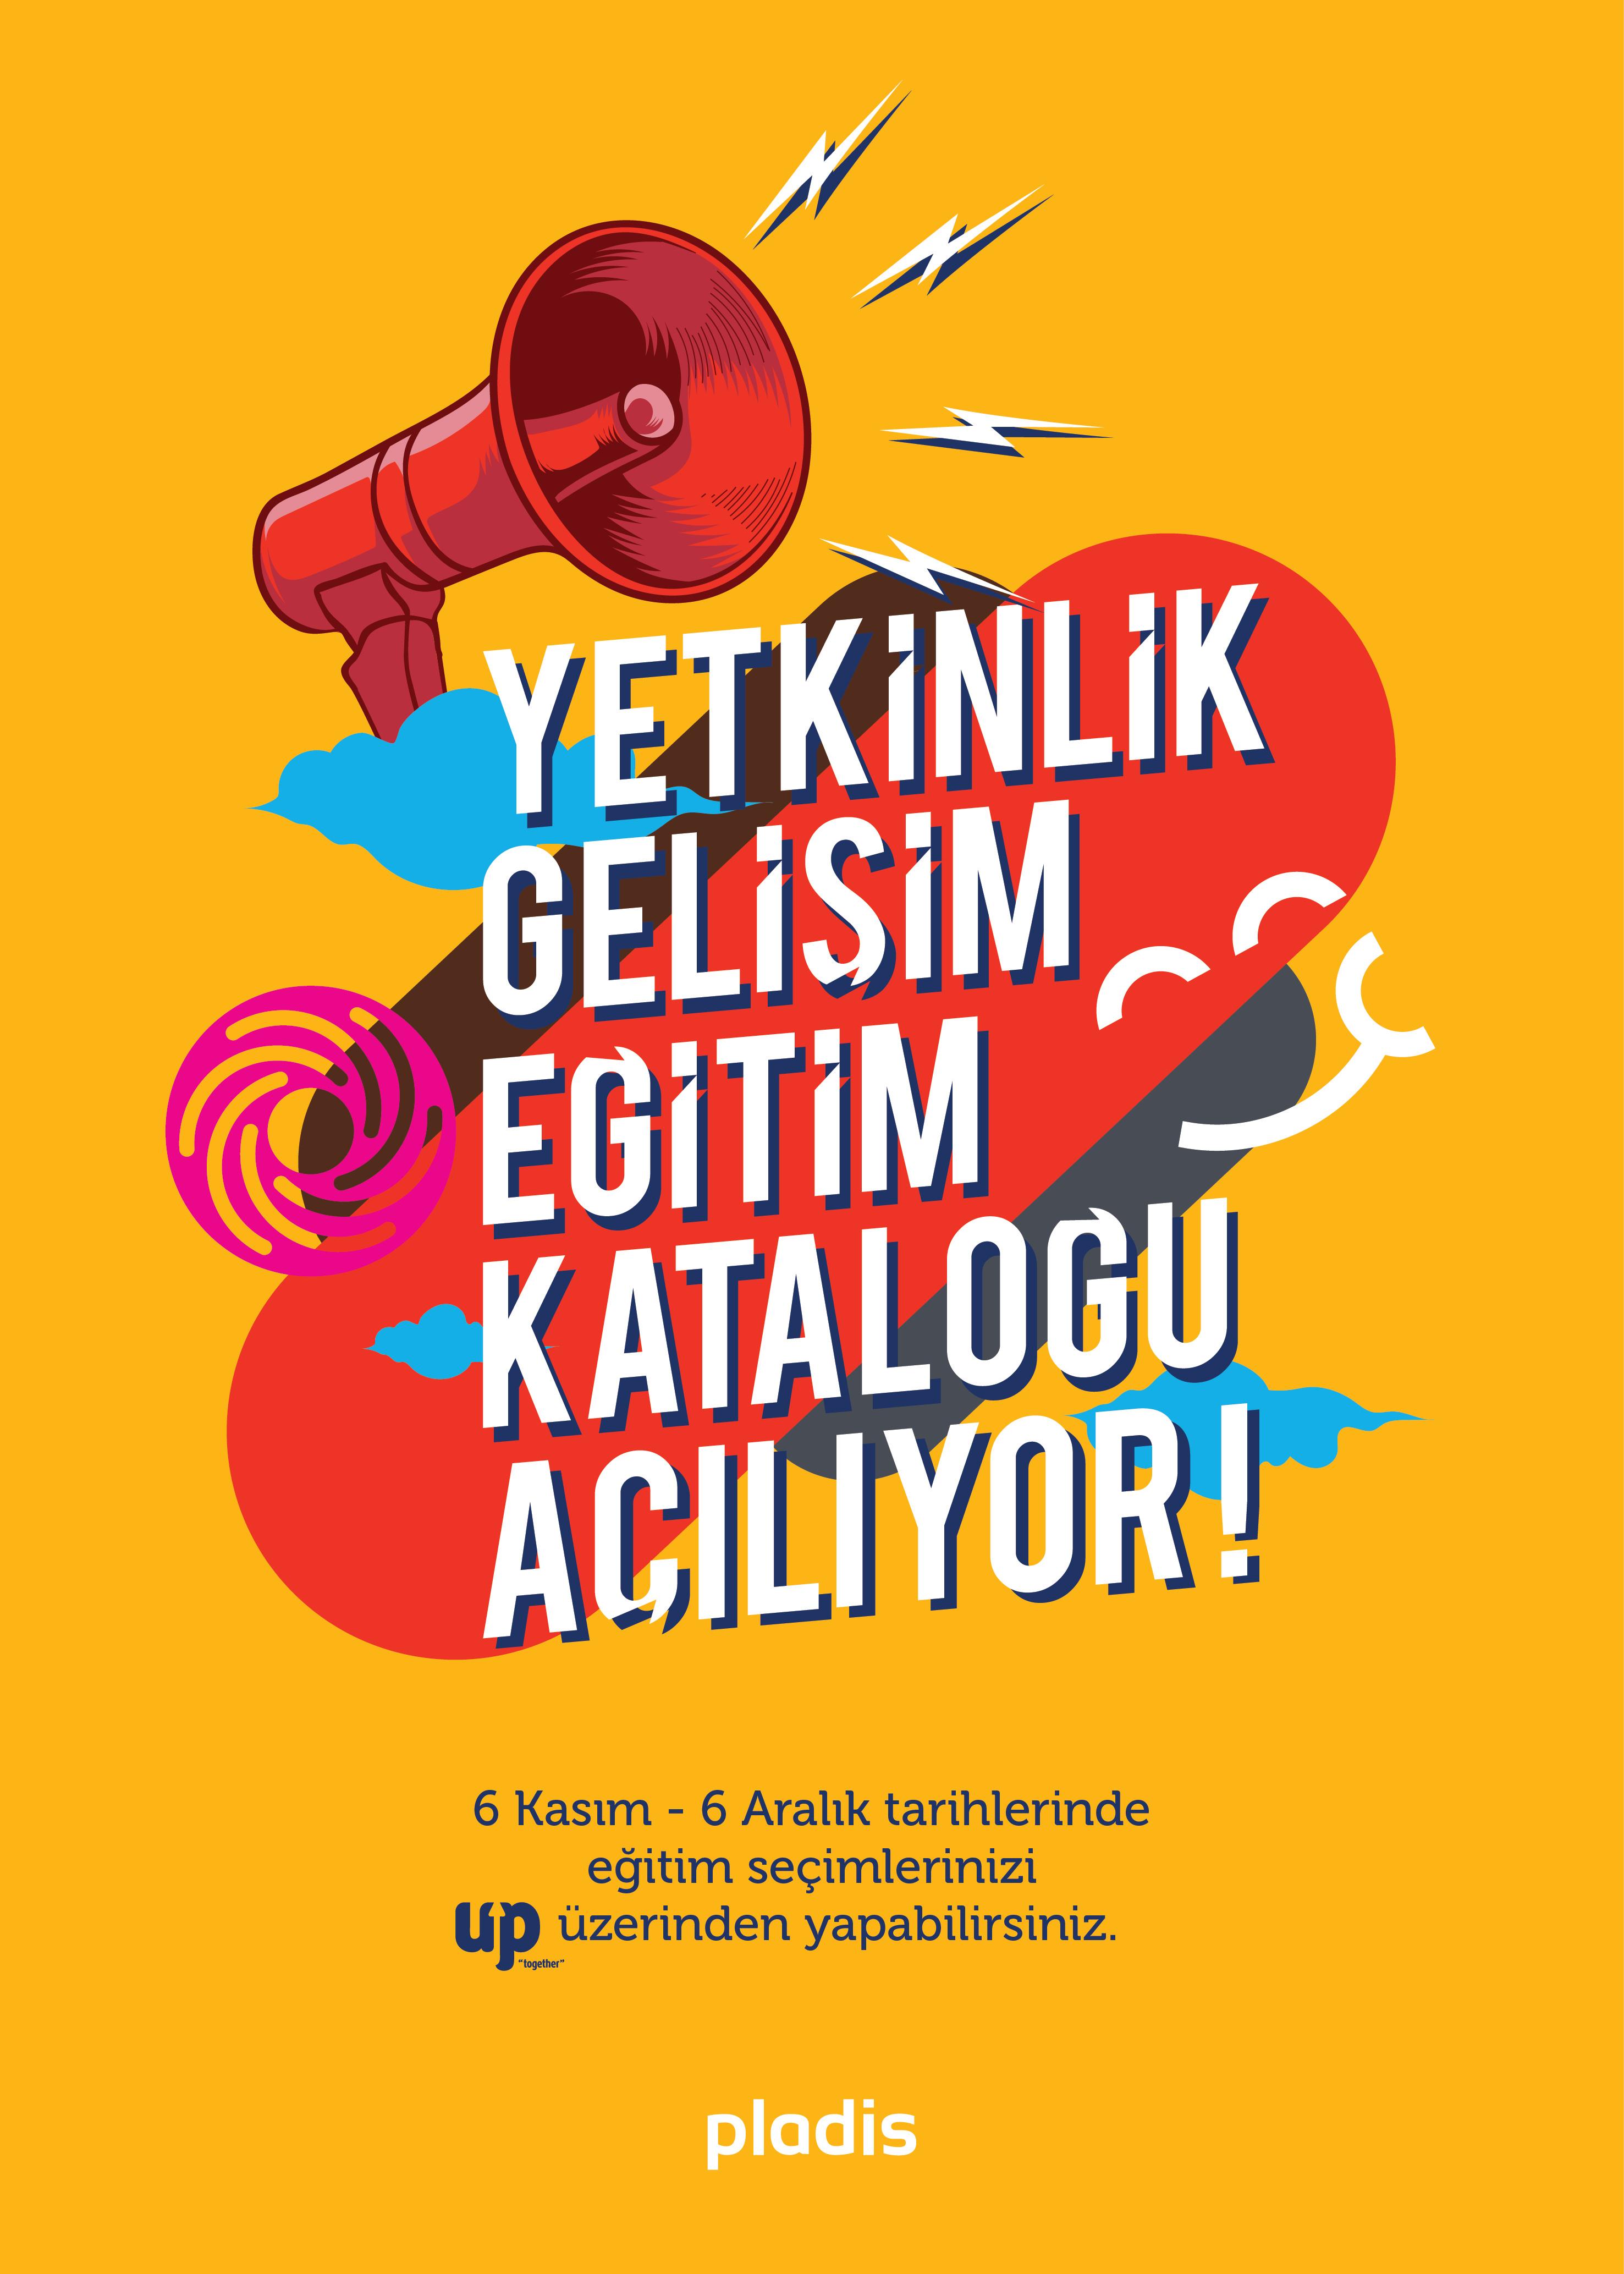 Pladis - Poster Design